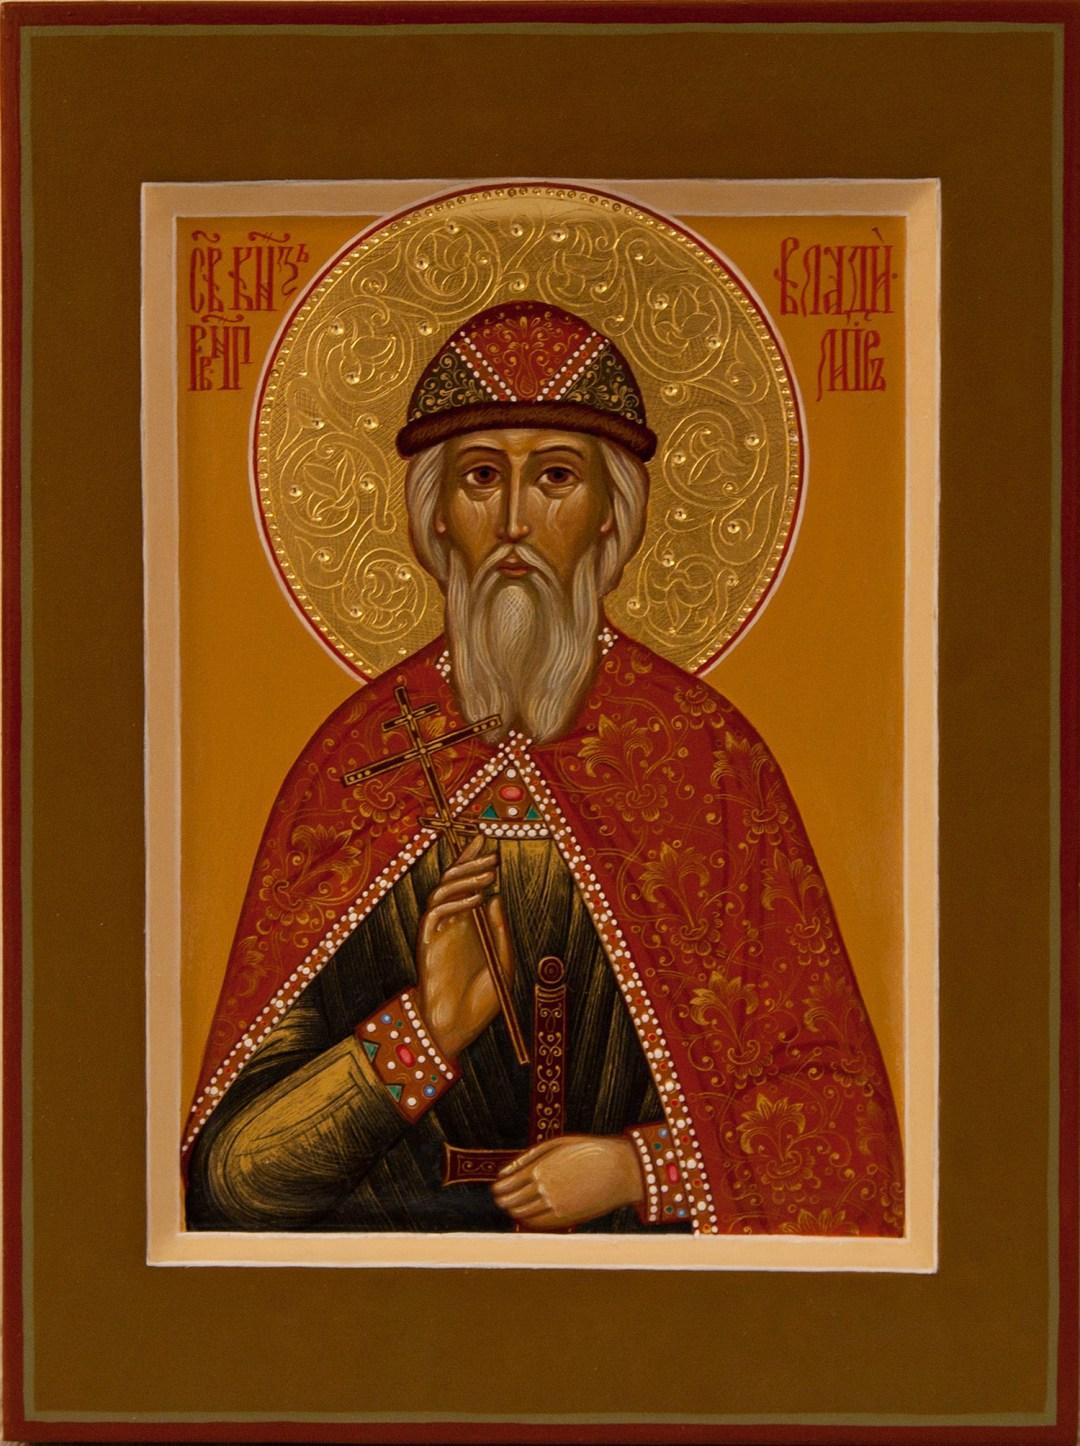 князь Владимир (Василий) равноапостольный